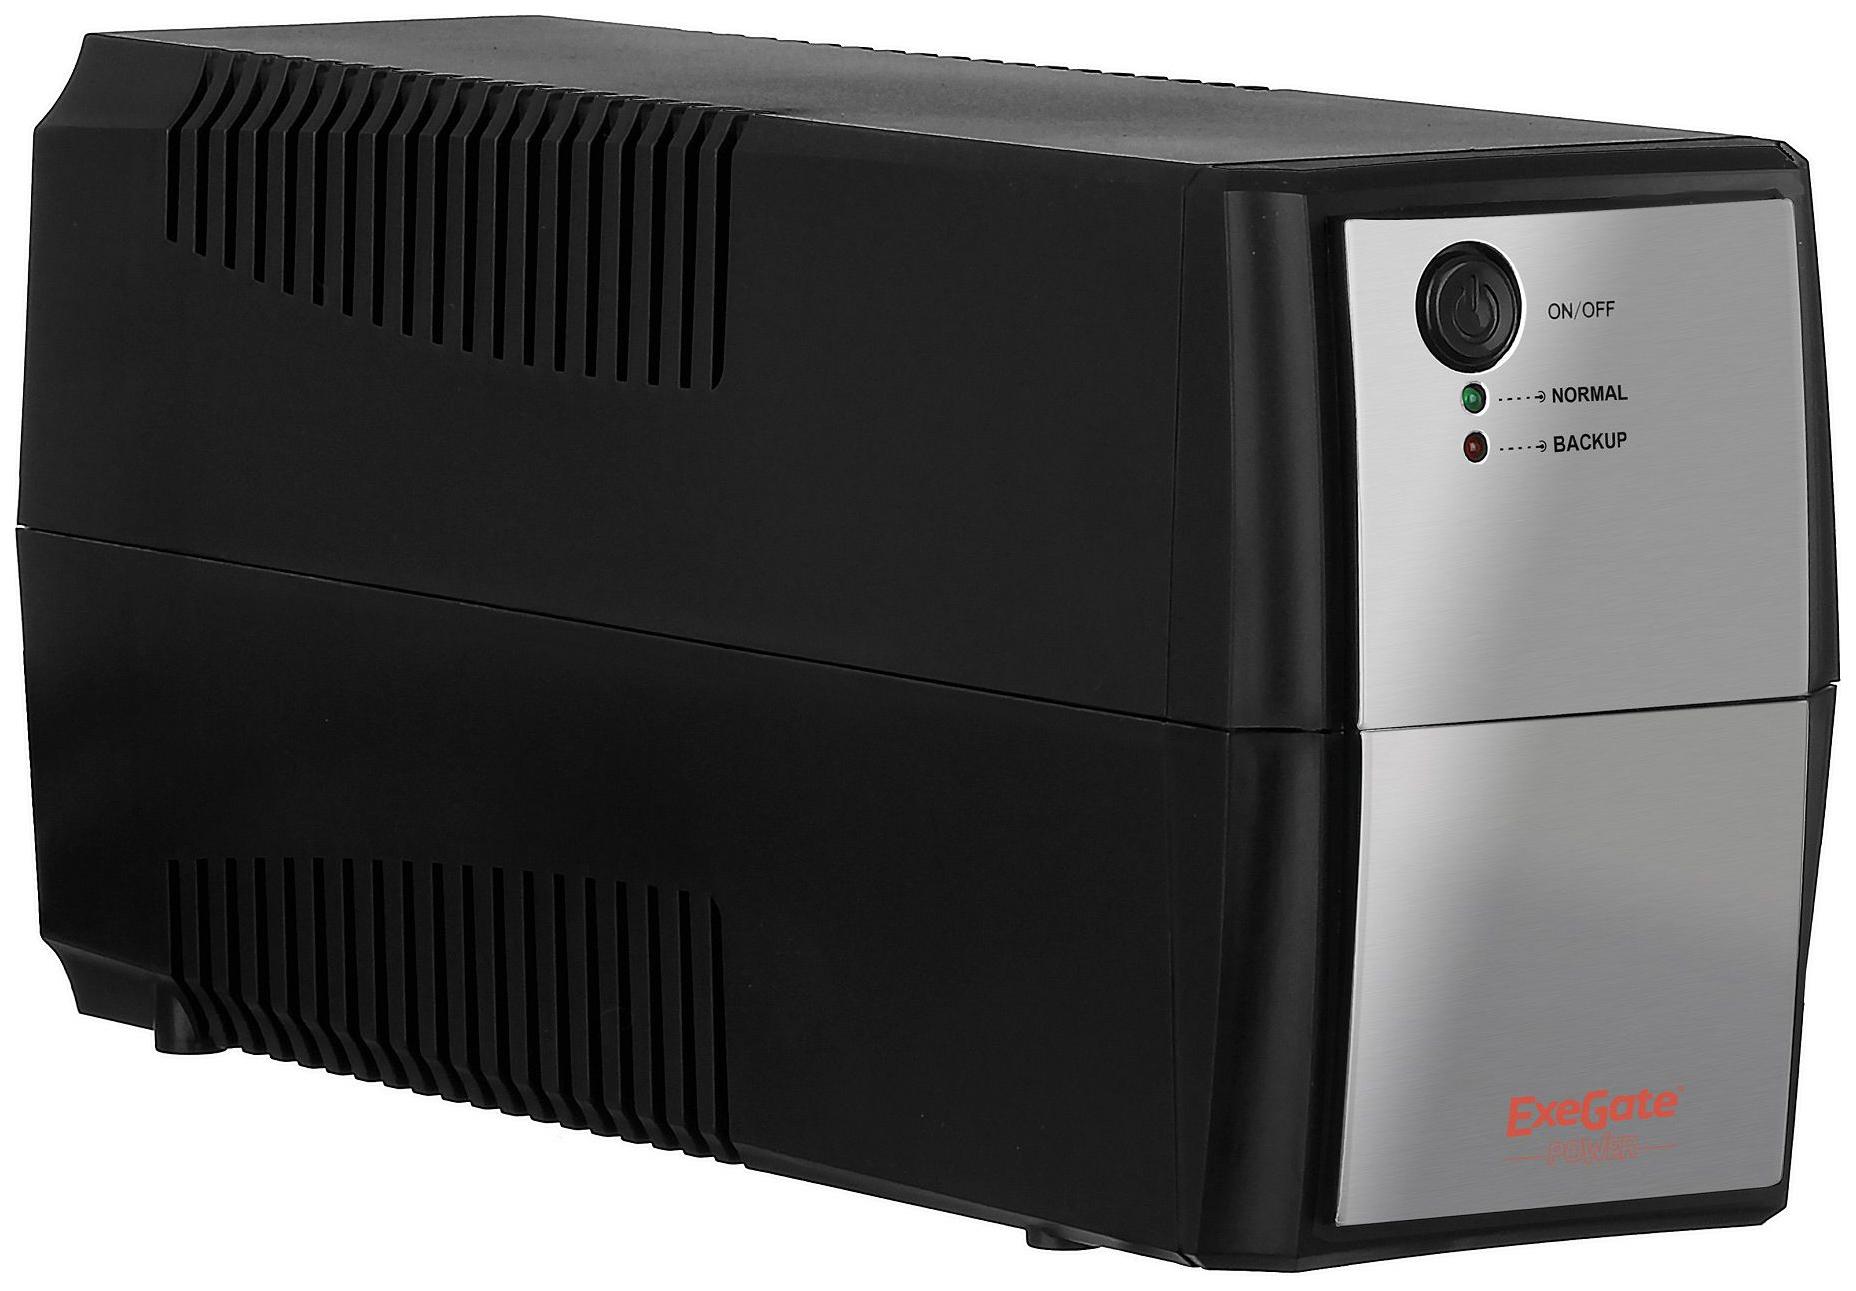 Источник бесперебойного питания ExeGate Power Back BNB-600 600VA Black-Silver